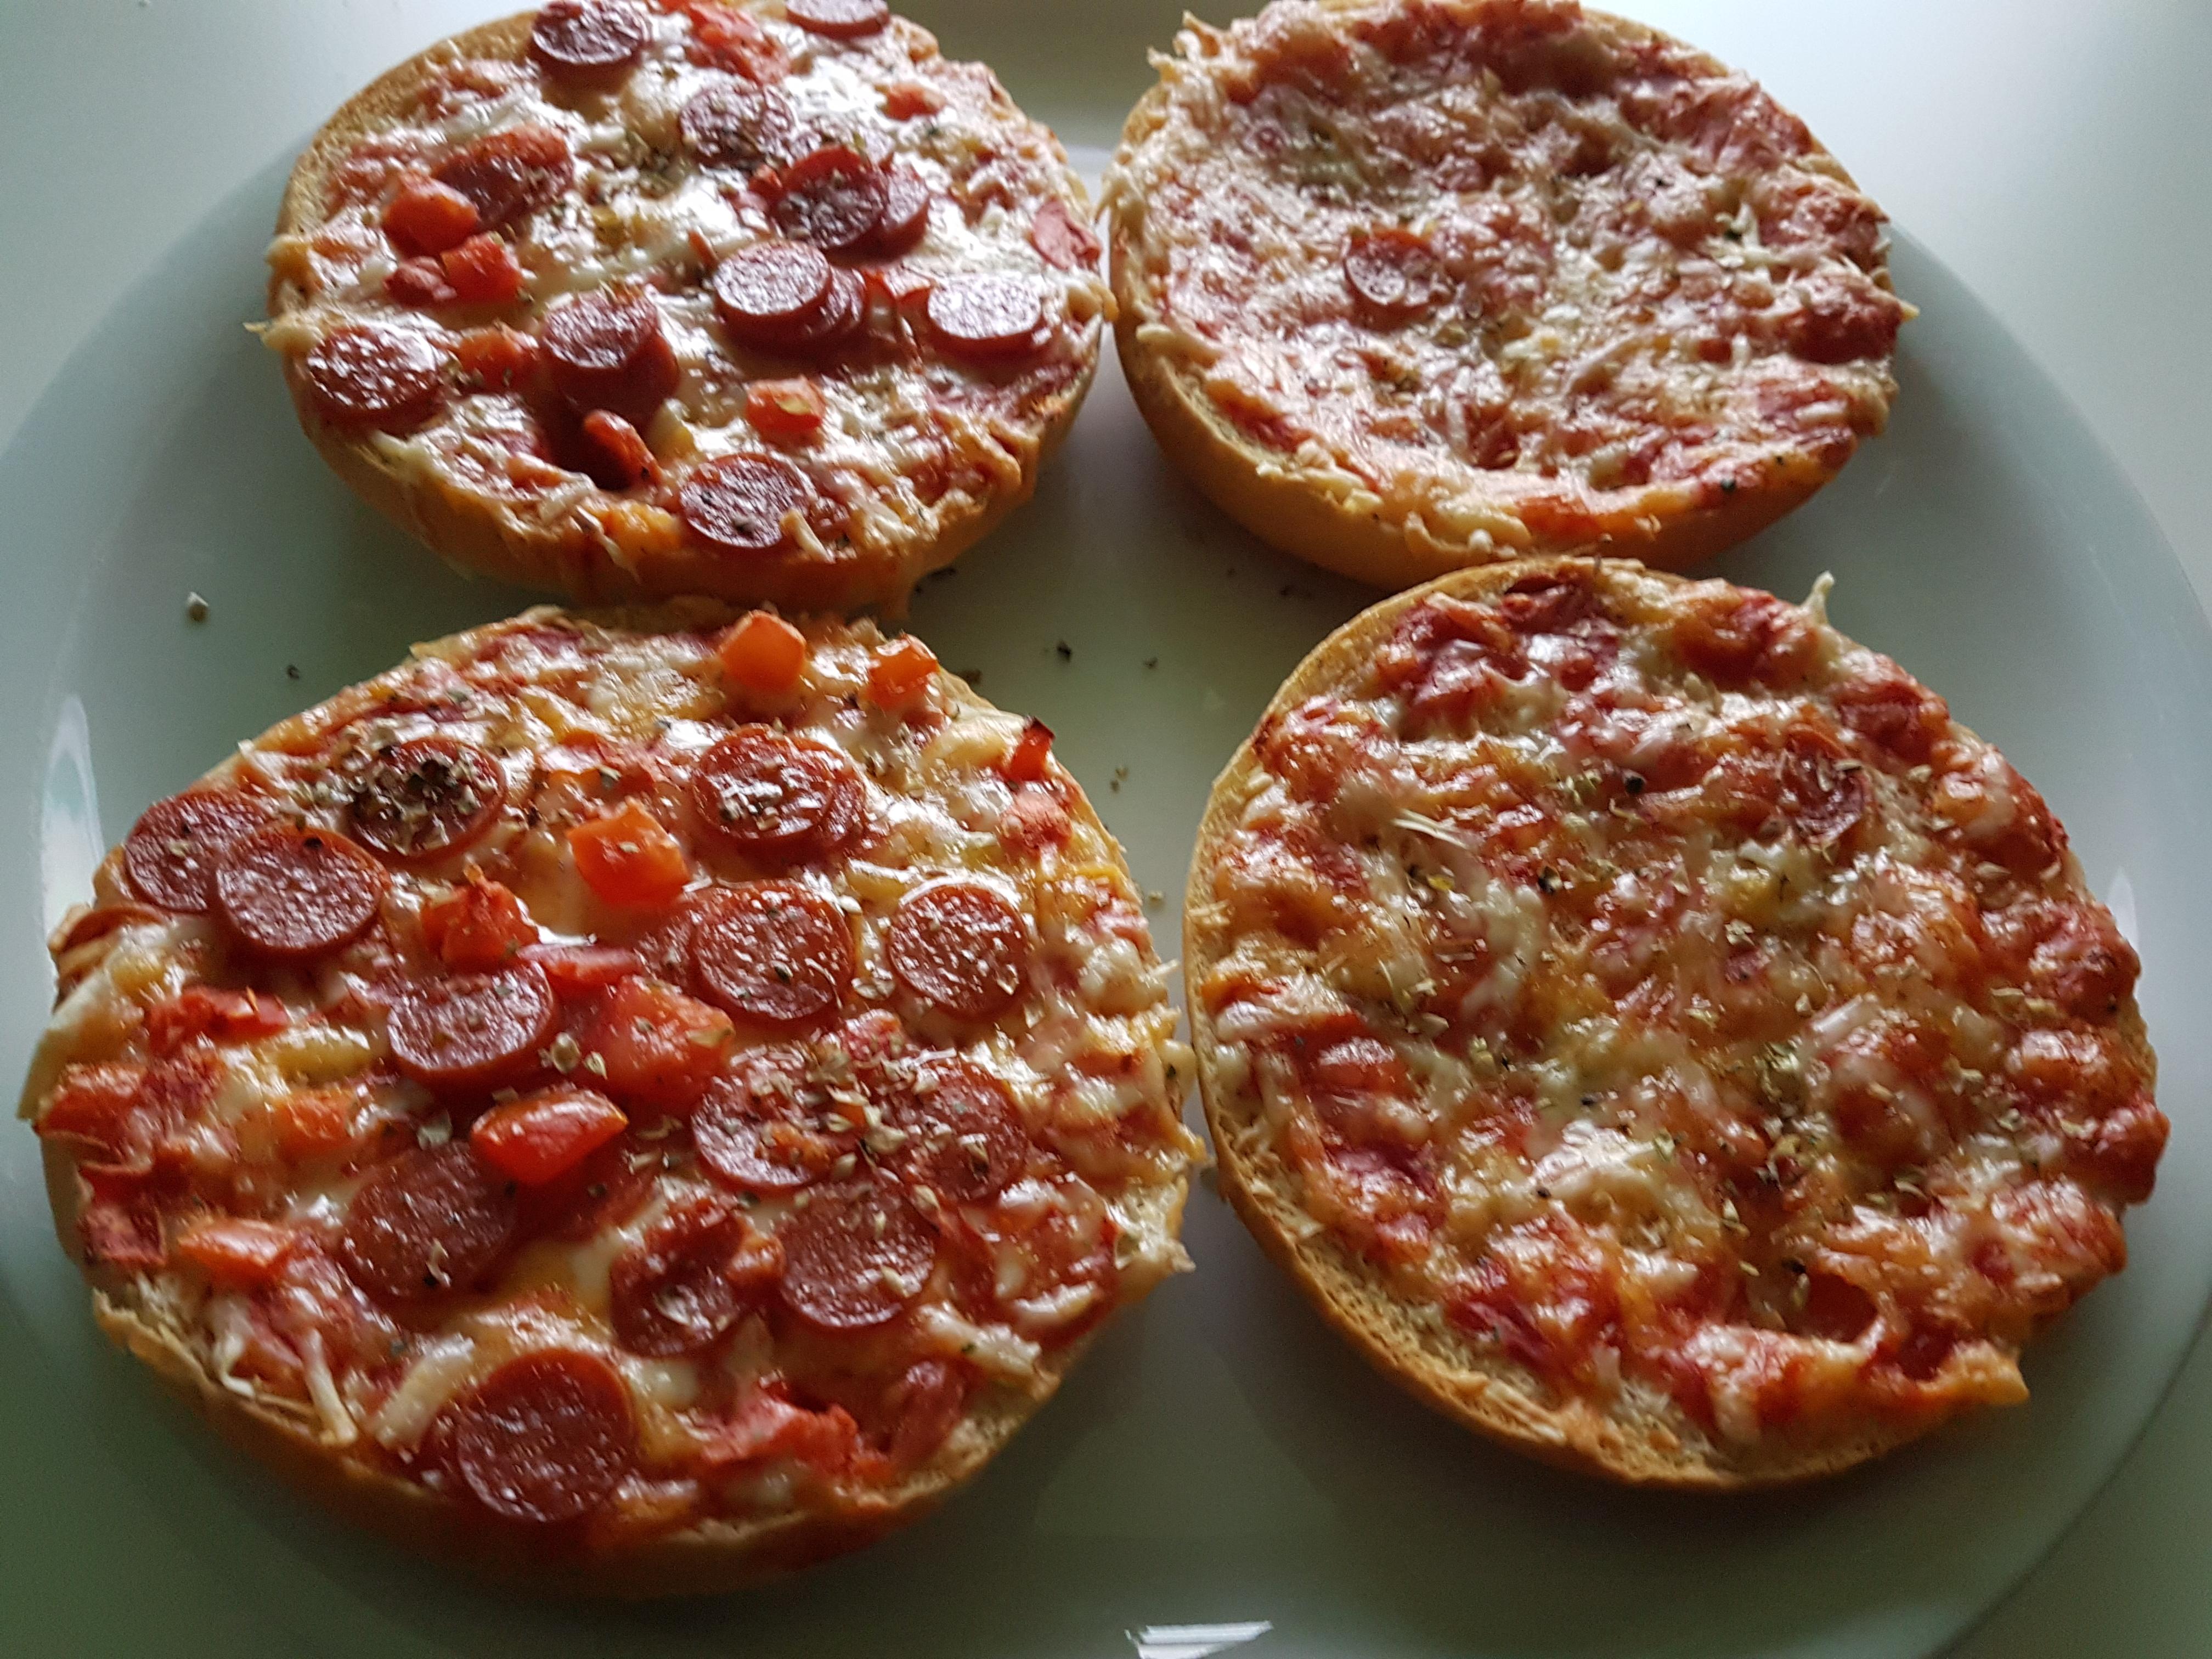 http://foodloader.net/Holz_2018-02-22_Pizzaburger.jpg